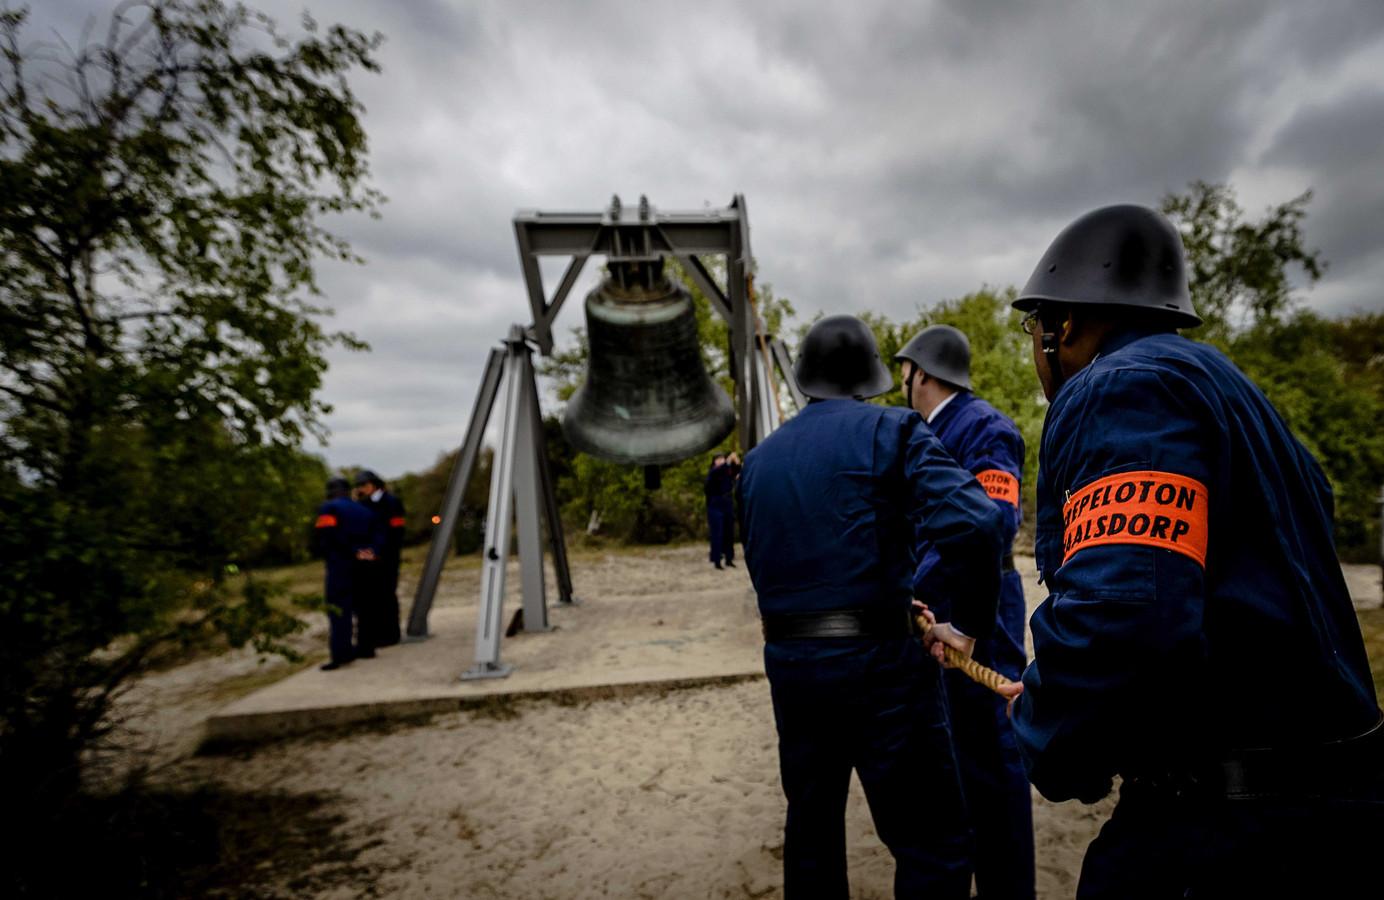 Leden van het Erepeloton Waalsdorp luiden de klok bij het monument tijdens de jaarlijkse Dodenherdenking op de Waalsdorpervlakte.